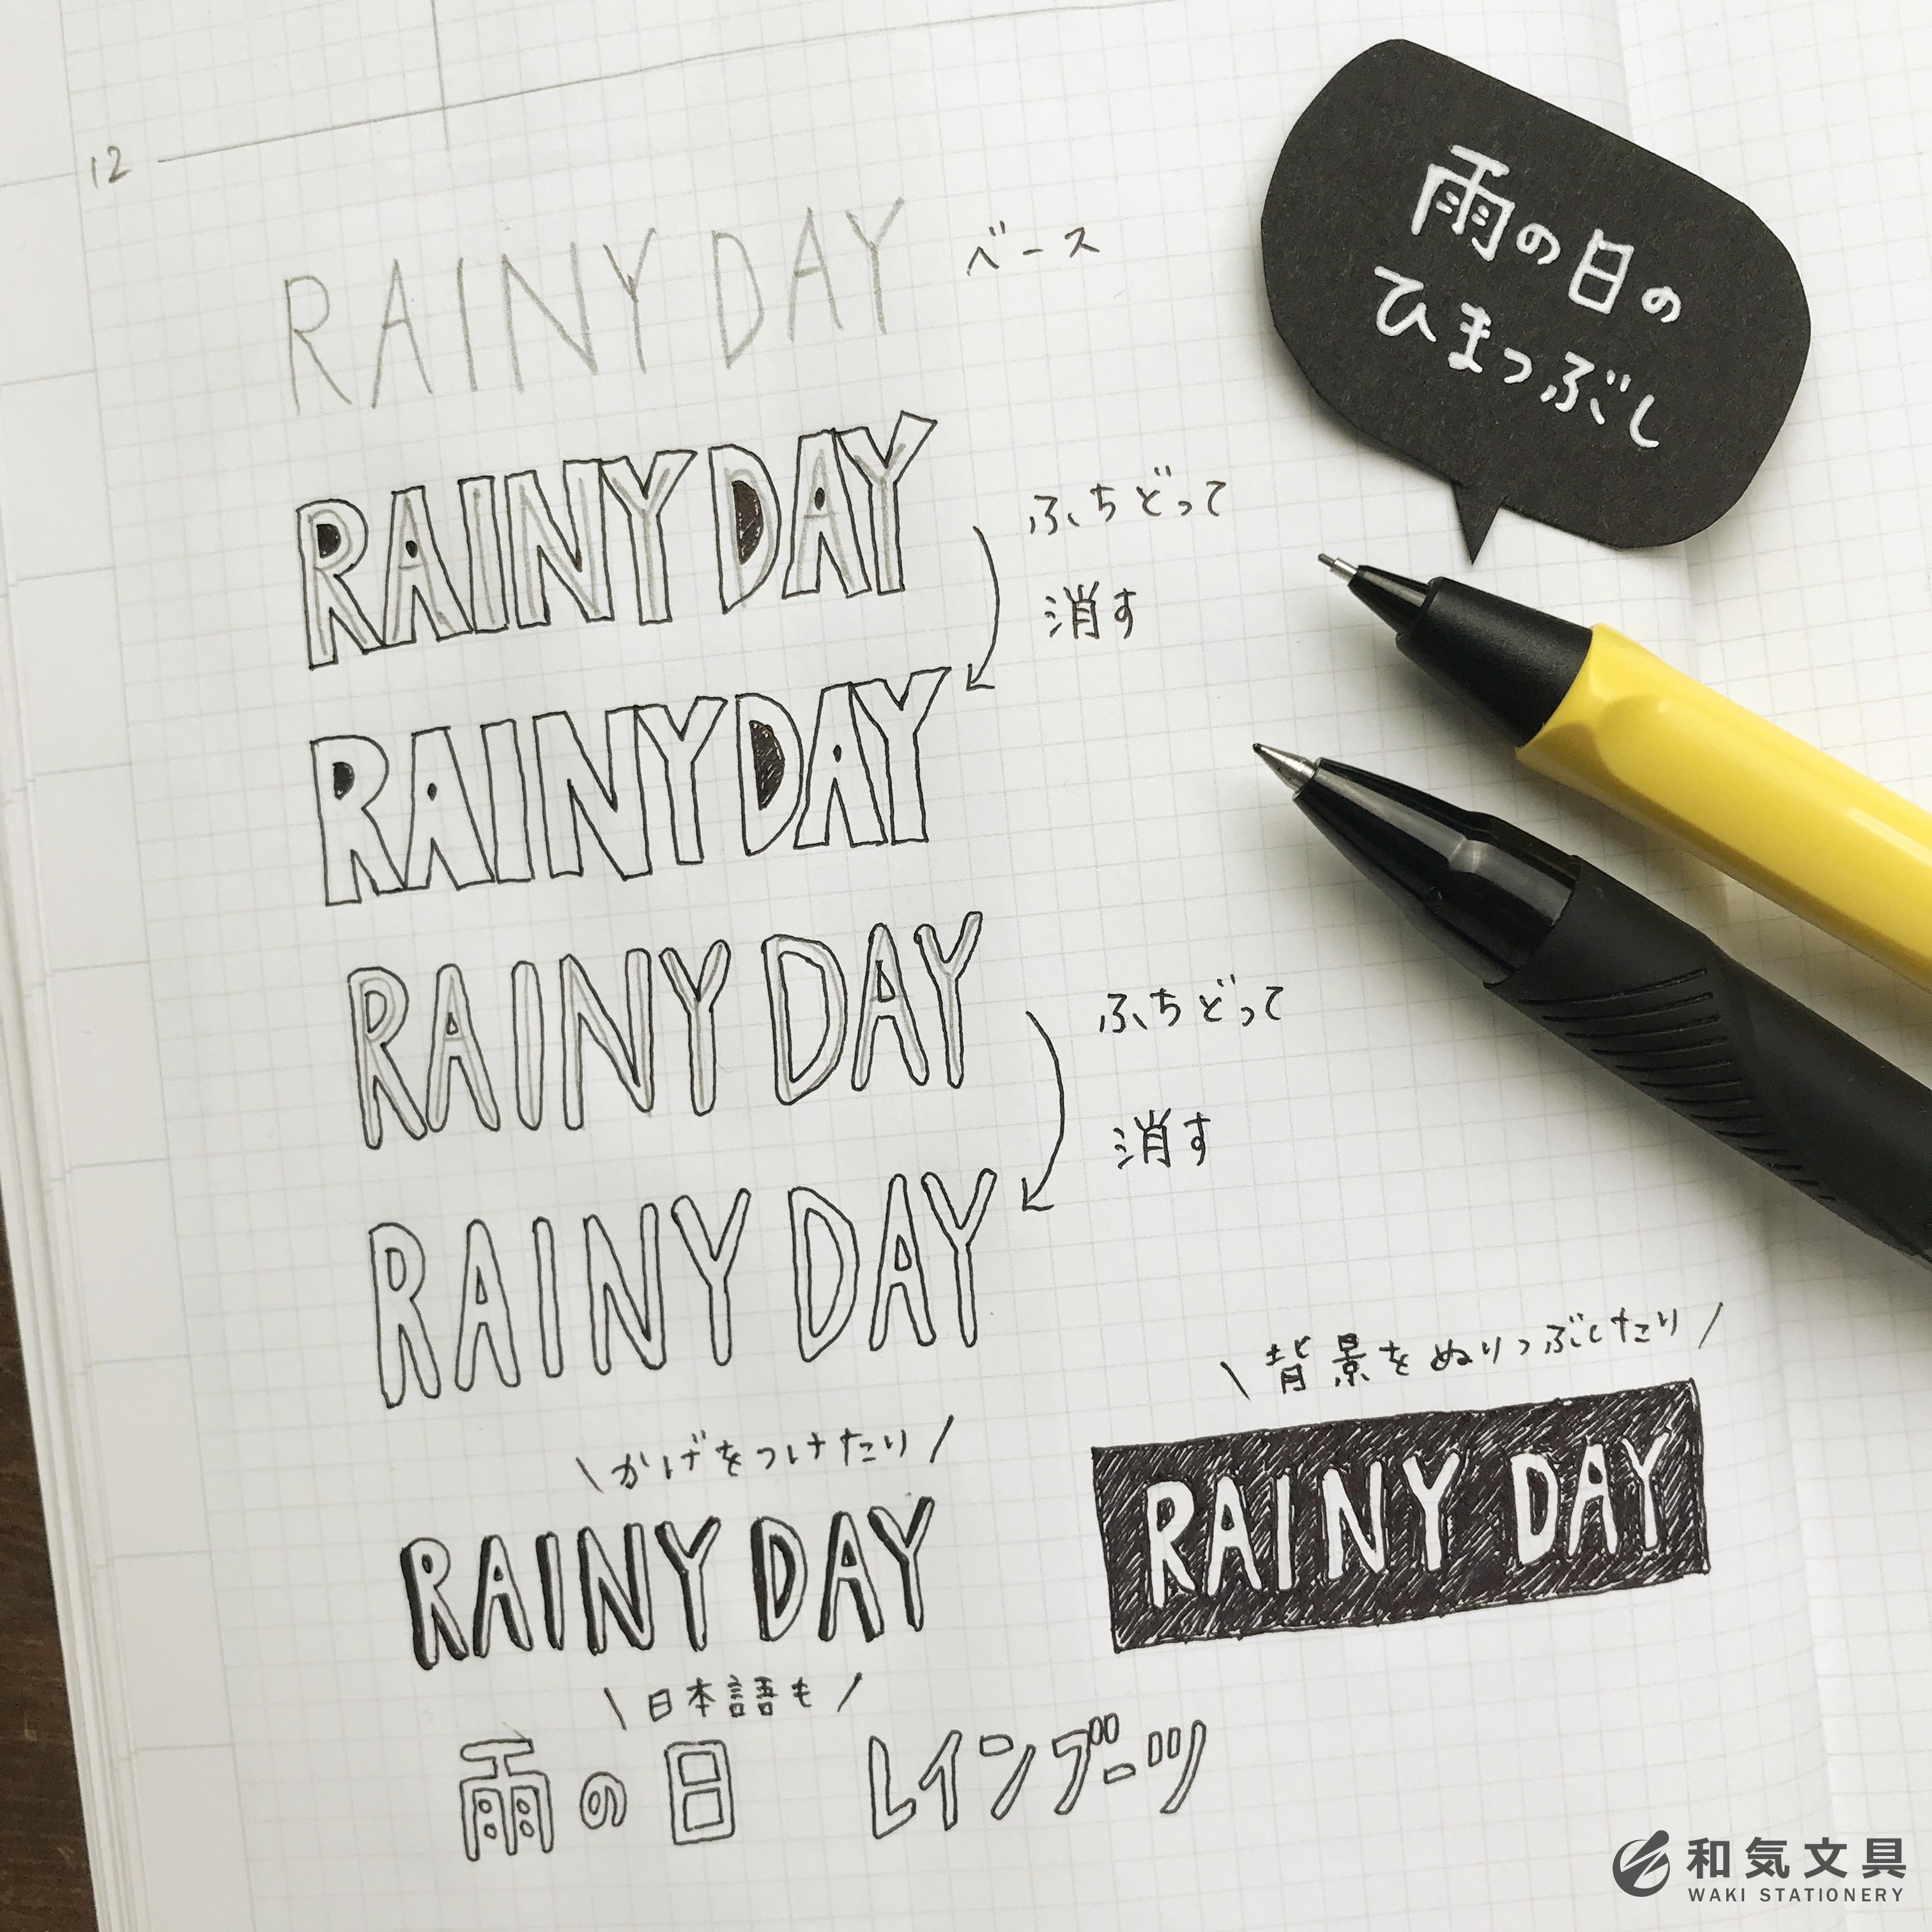 雨の日の暇つぶし